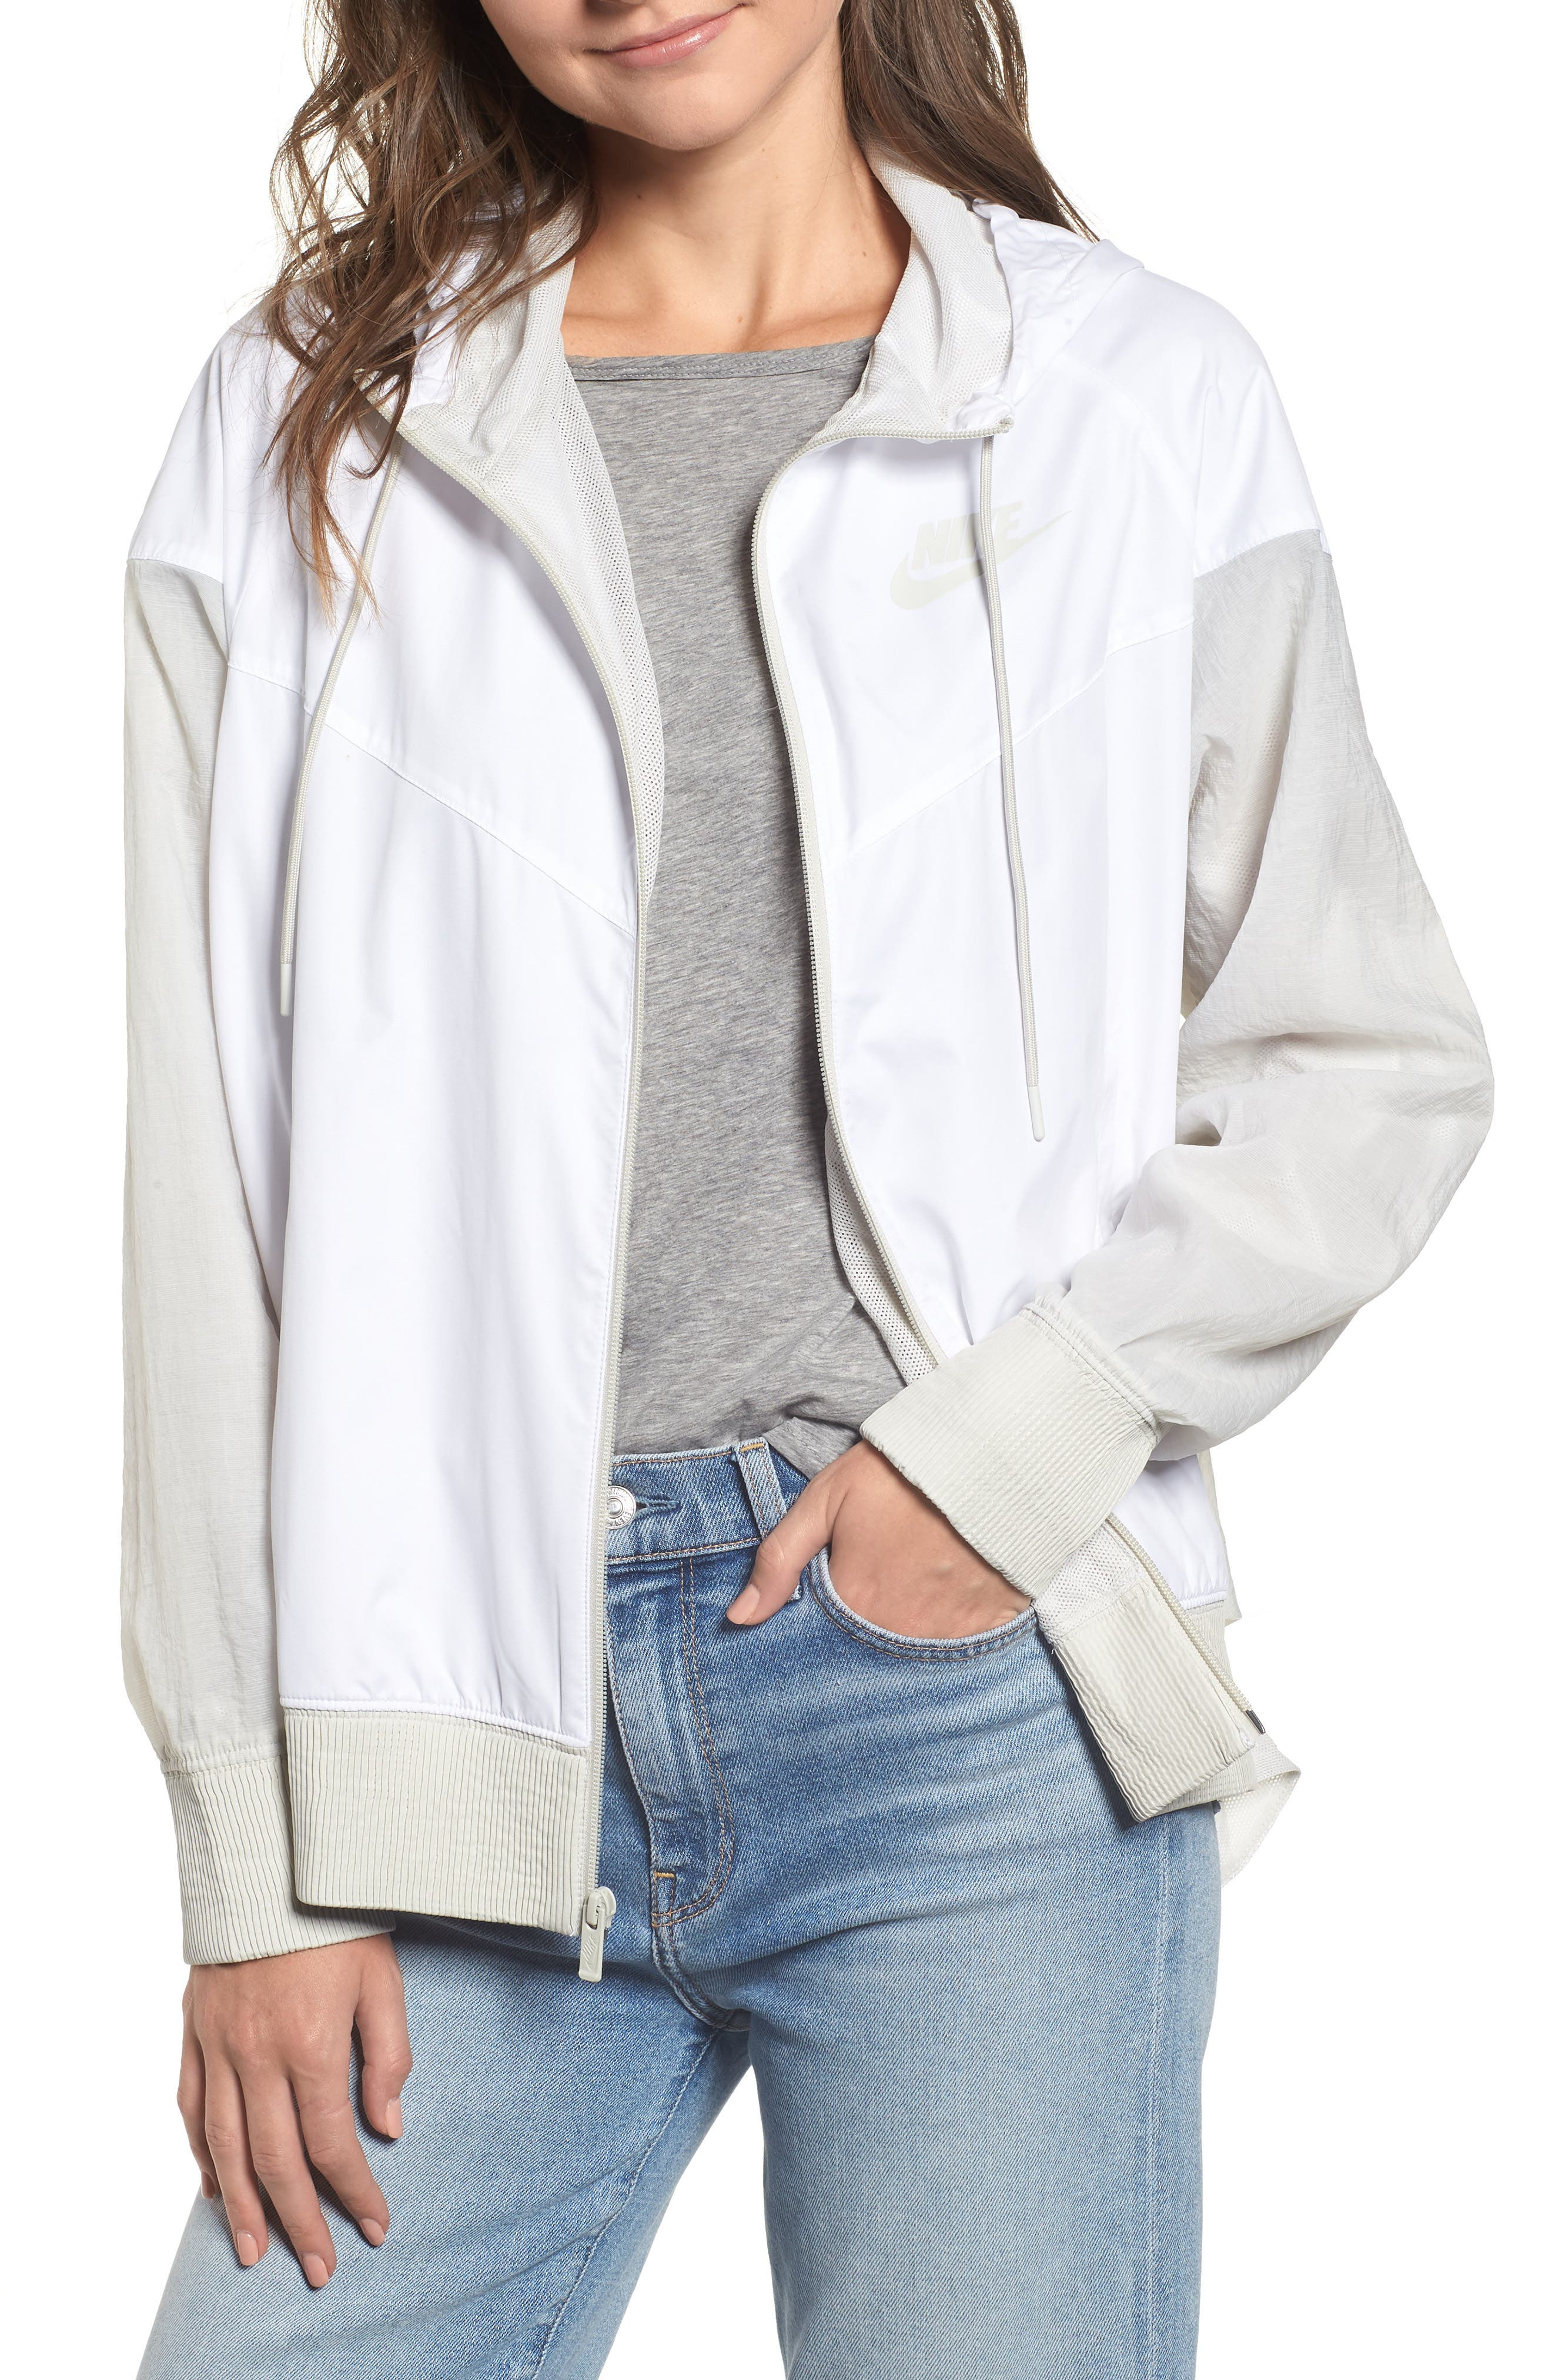 Sportswear Women's Windrunner Water Repellent Jacket,                             Alternate thumbnail 3, color,                             WHITE/ LIGHT BONE/ LIGHT BONE